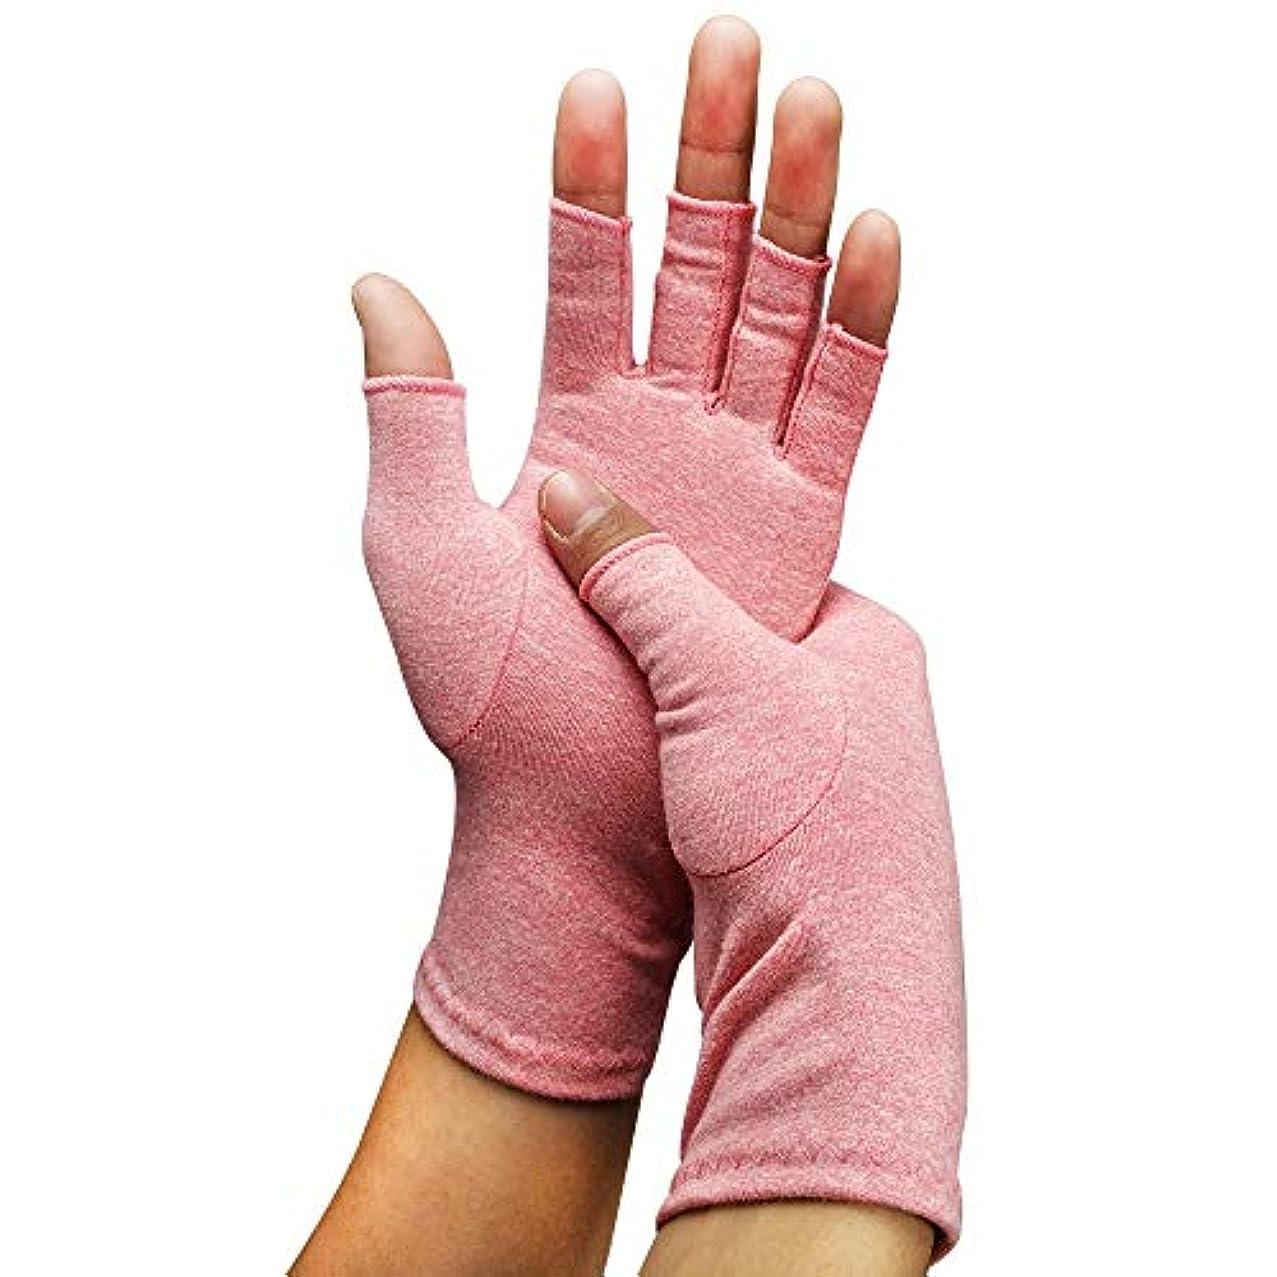 おもちゃ正当化する音節グリップと関節炎の手袋 - 男性と女性の指なし圧縮 - リウマチと変形性関節症のための開いた指の手袋 - 関節炎の関節痛の軽減